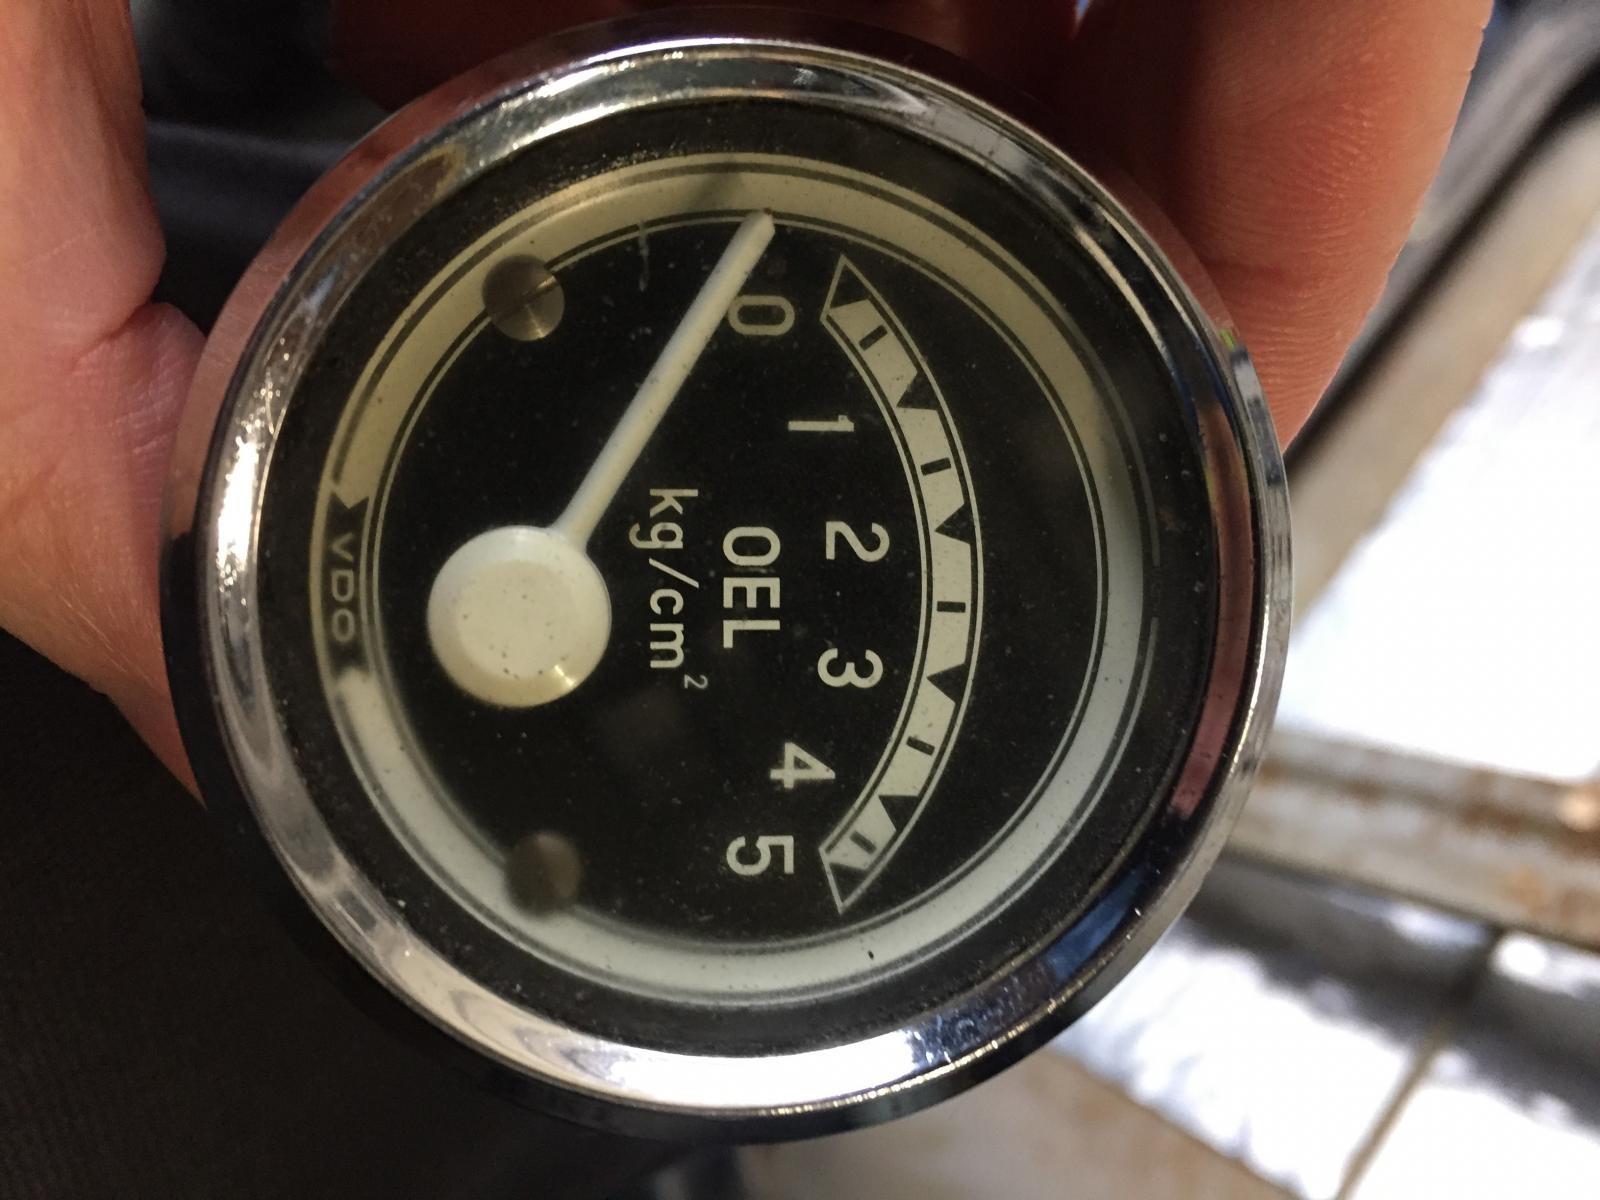 Vdo Oil Pressure Gauge Wiring thesamba General Chat View topic Vdo Oil Pressure Of Vdo Oil Pressure Gauge Wiring